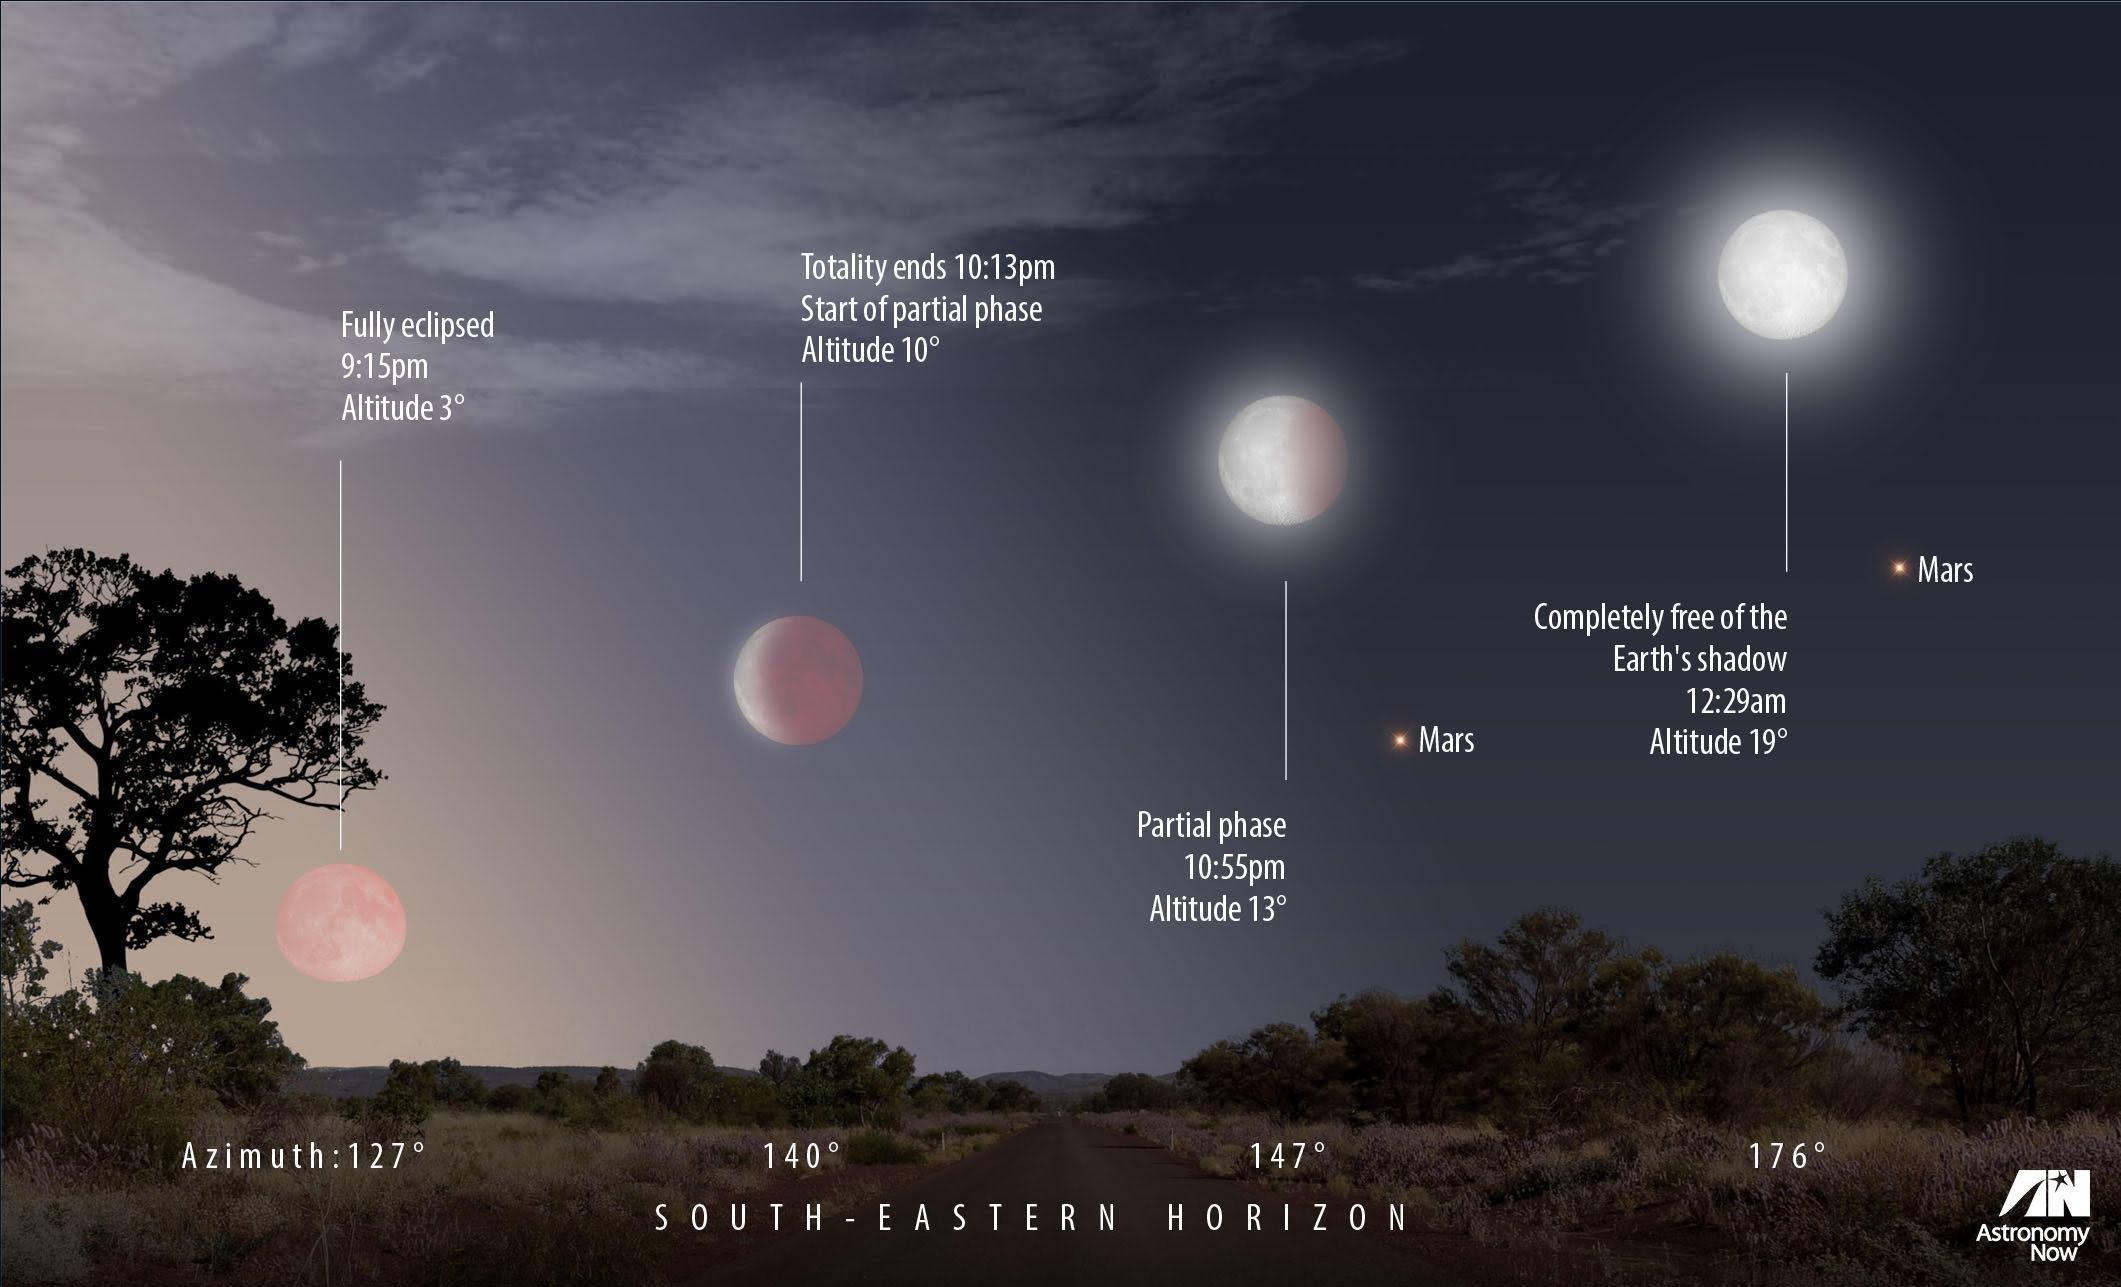 Diagrama do eclipse lunar de 27 de julho, ilustrando a aparência da Lua em vários pontos ao longo do eclipse e a localização de Marte em relação à Lua.